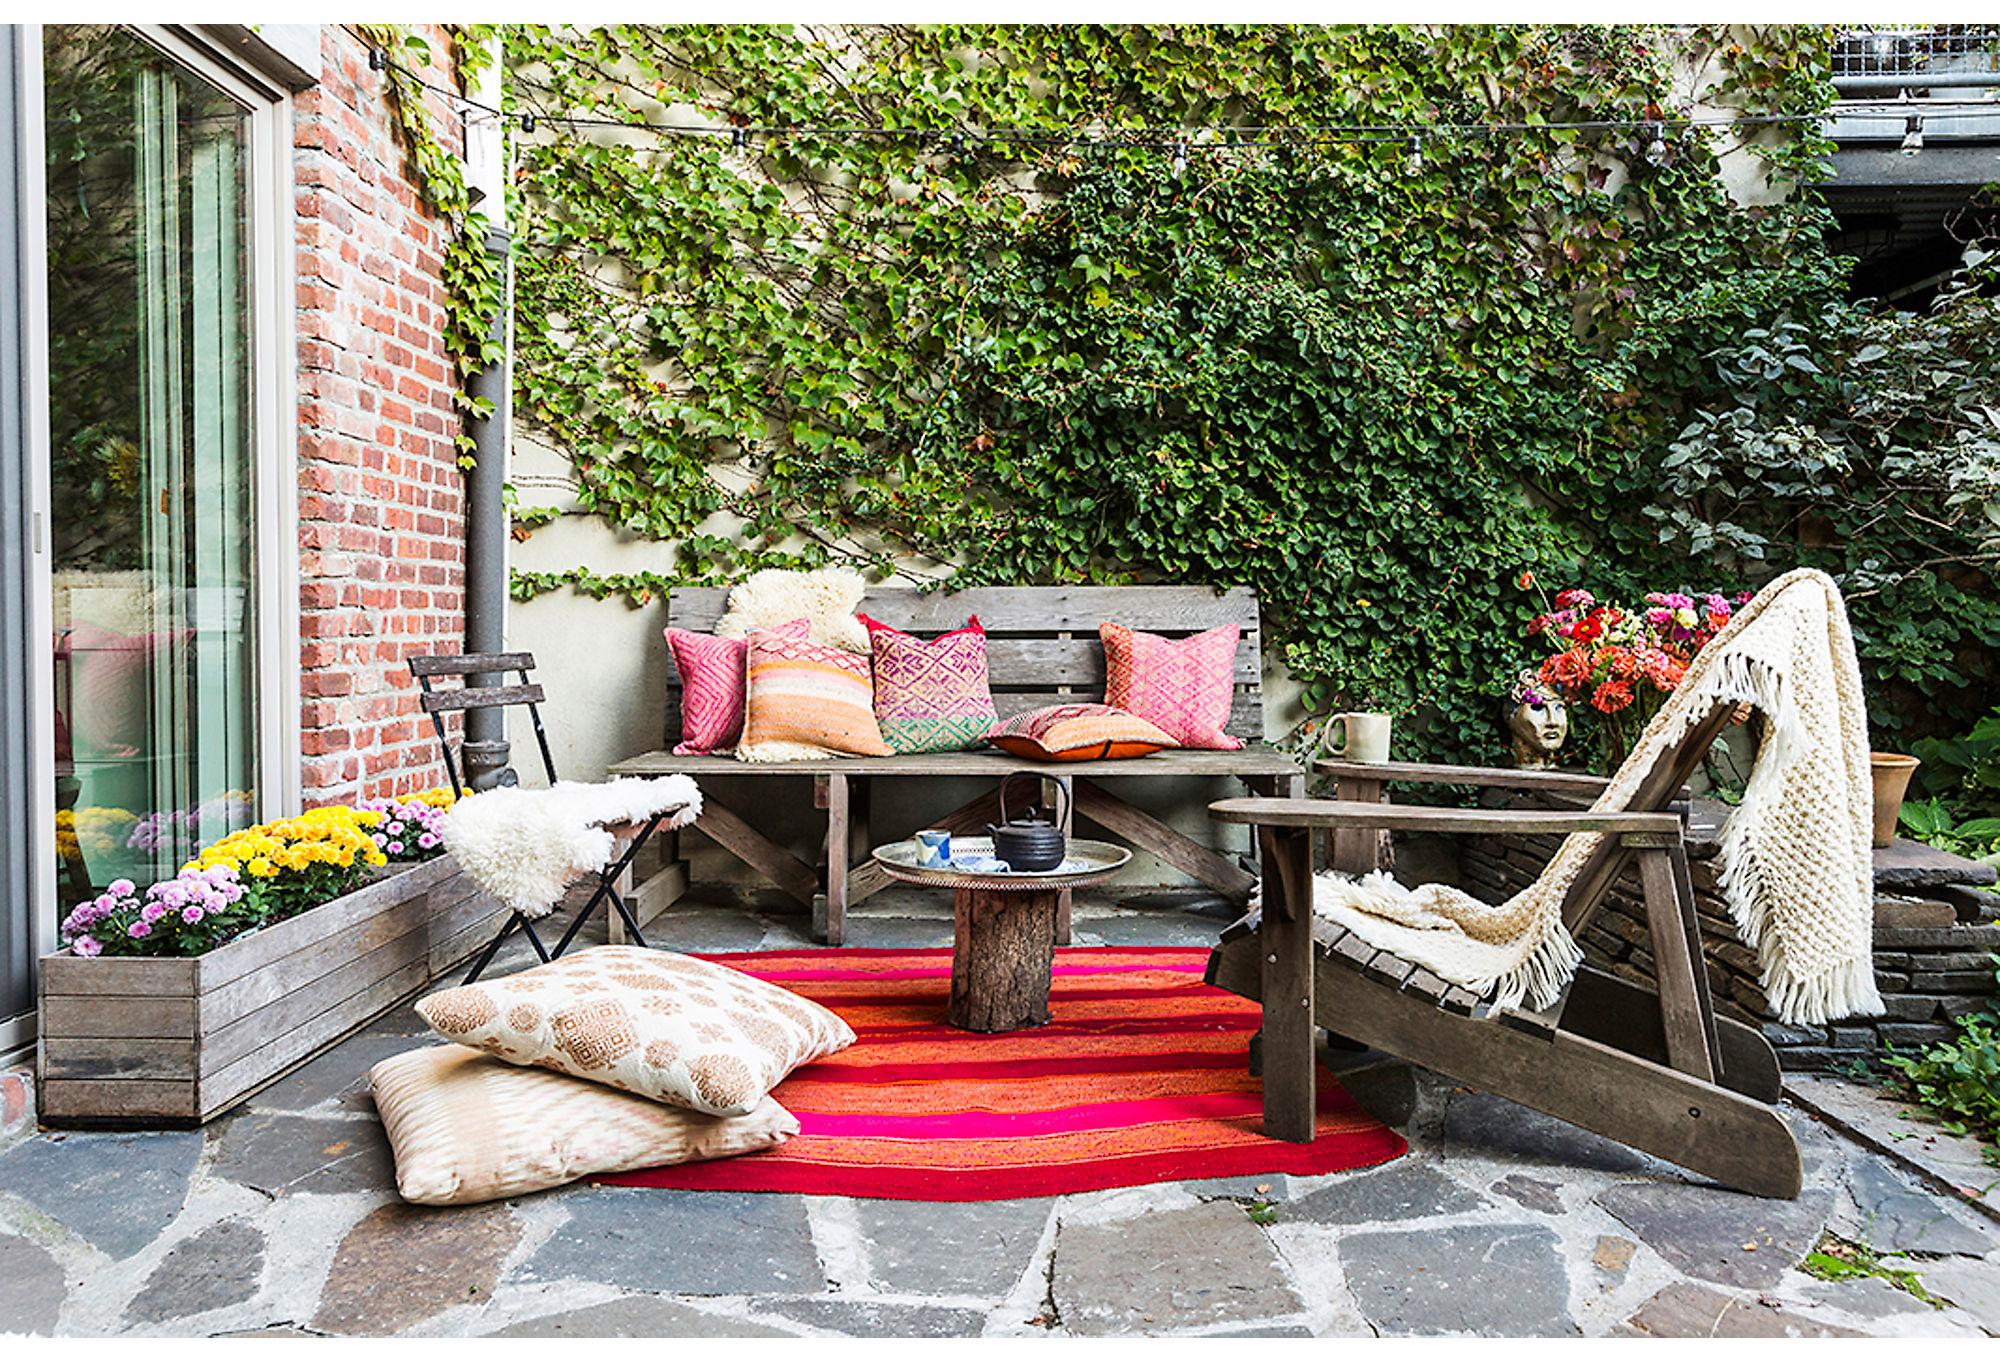 терраса мебель текстиль деревянное кресло ящик для цветов отмостка камень